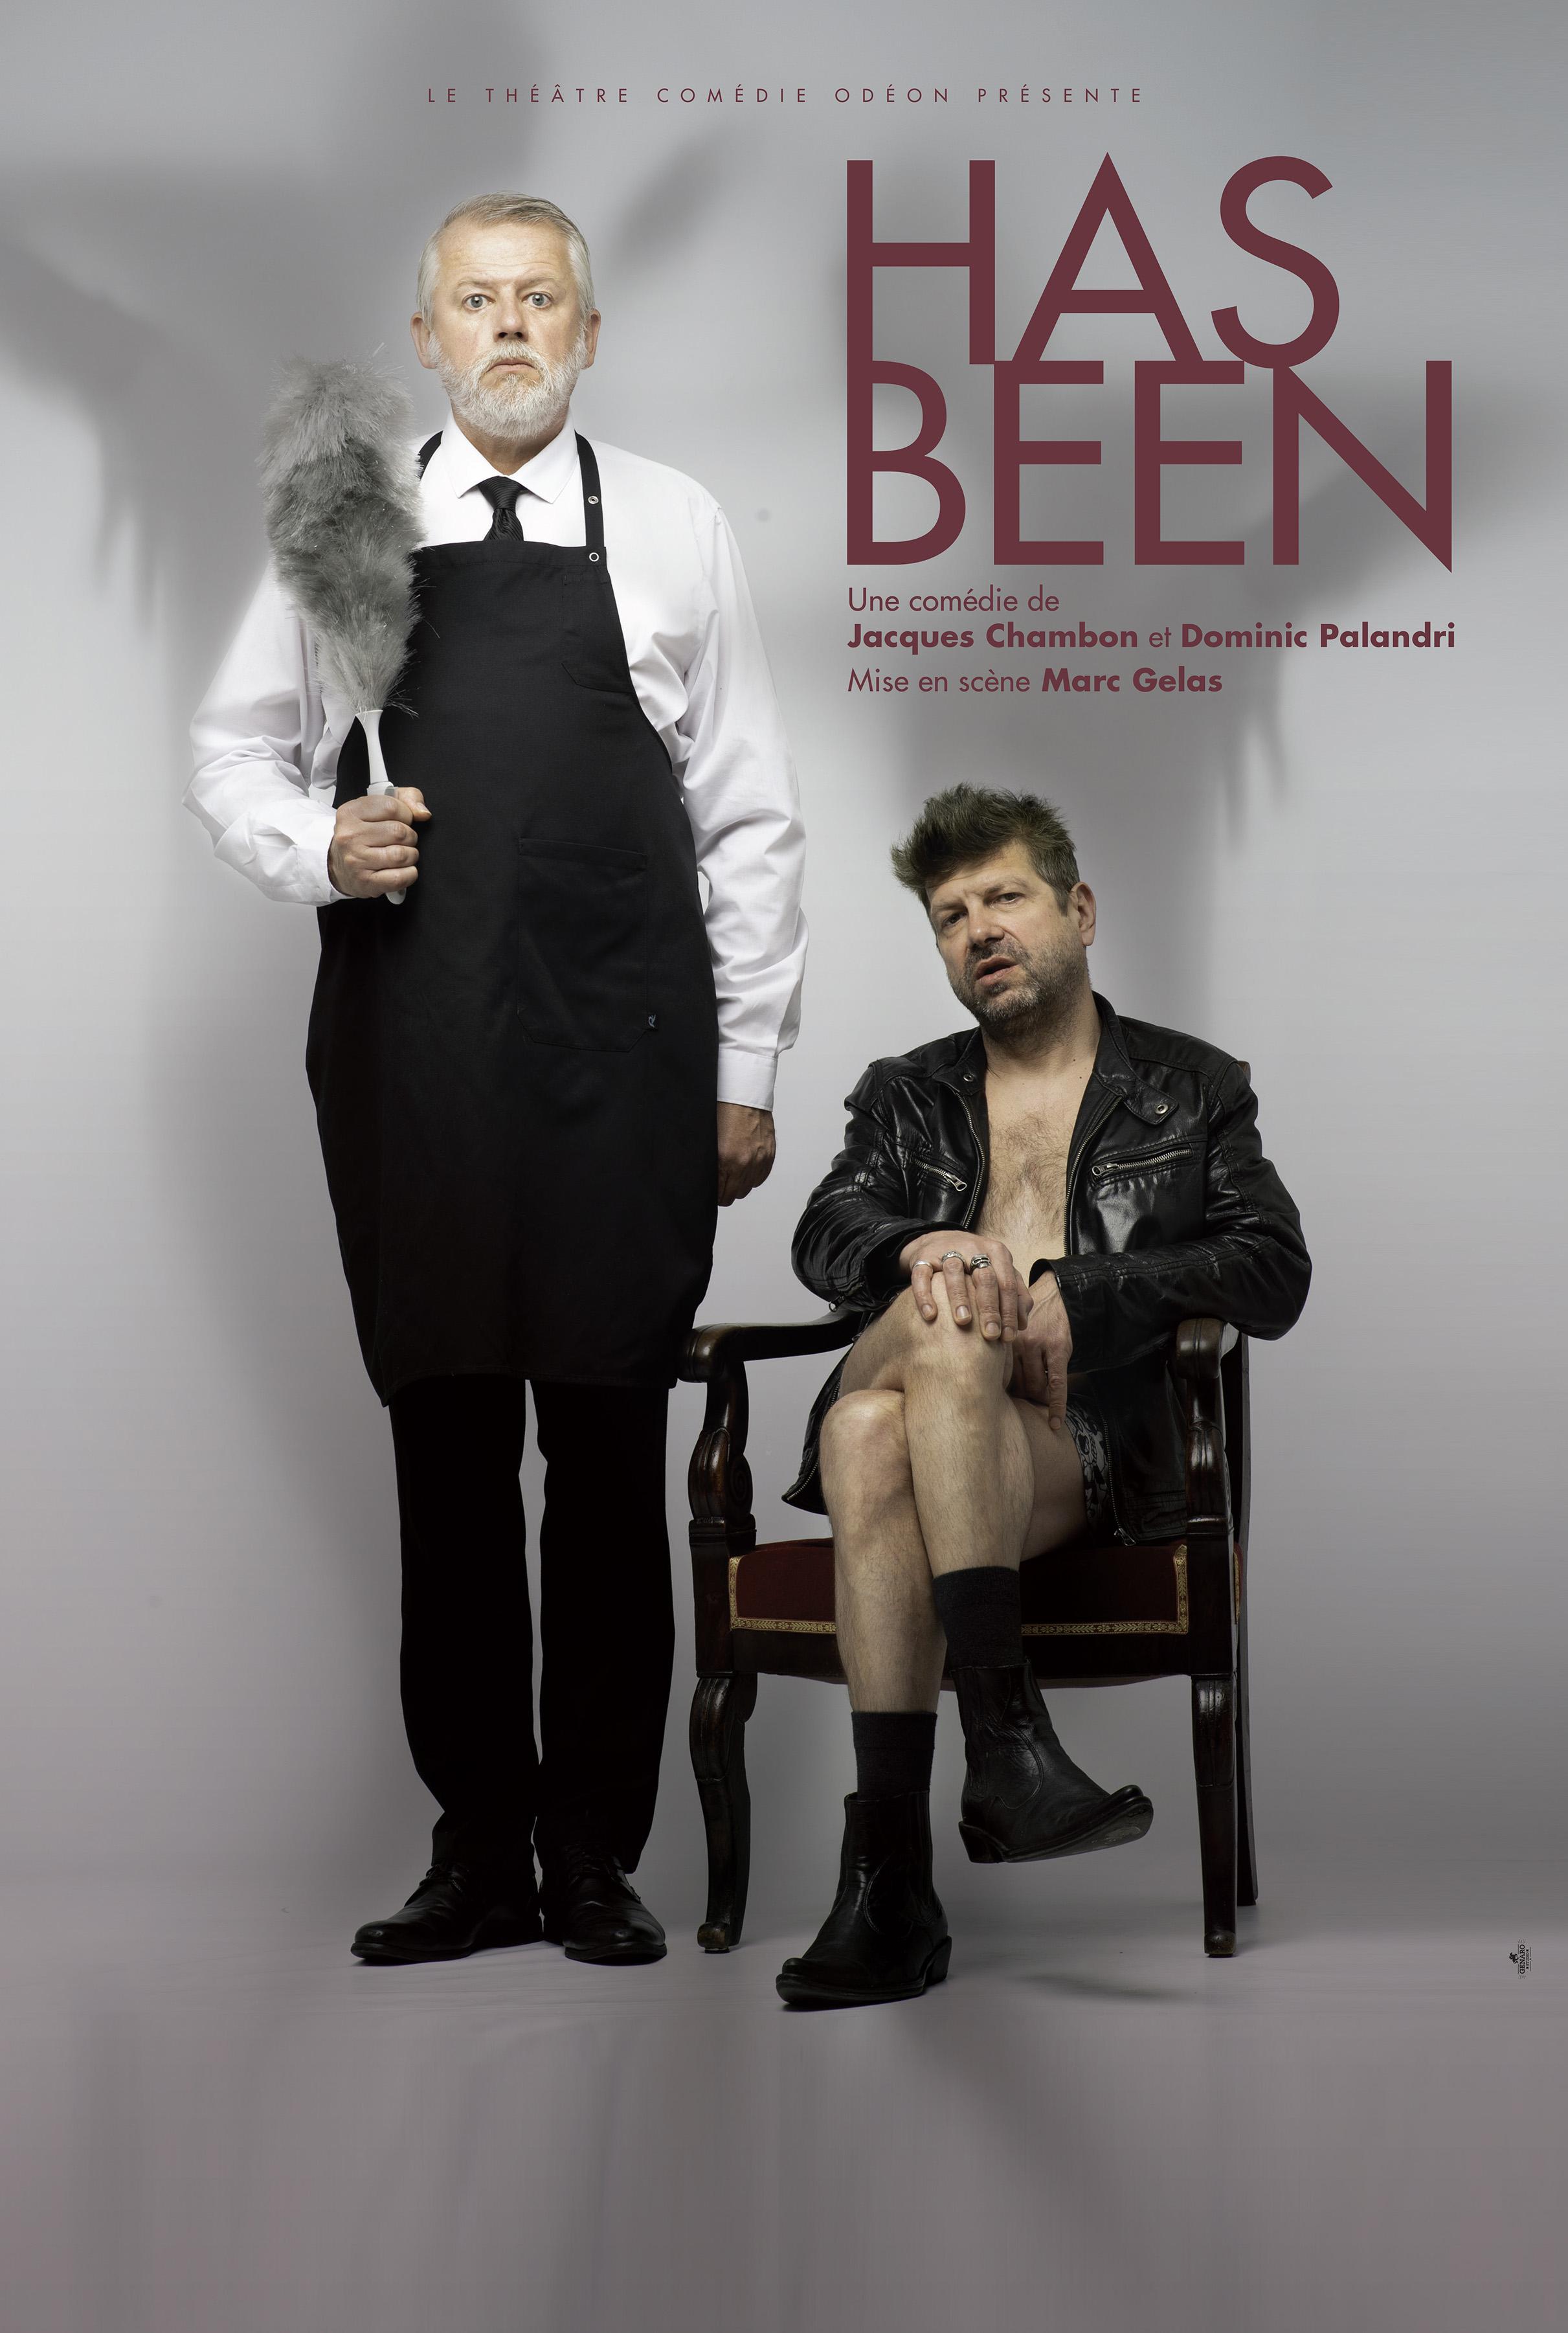 Hasbeen - Théâtre Comédie Odéon